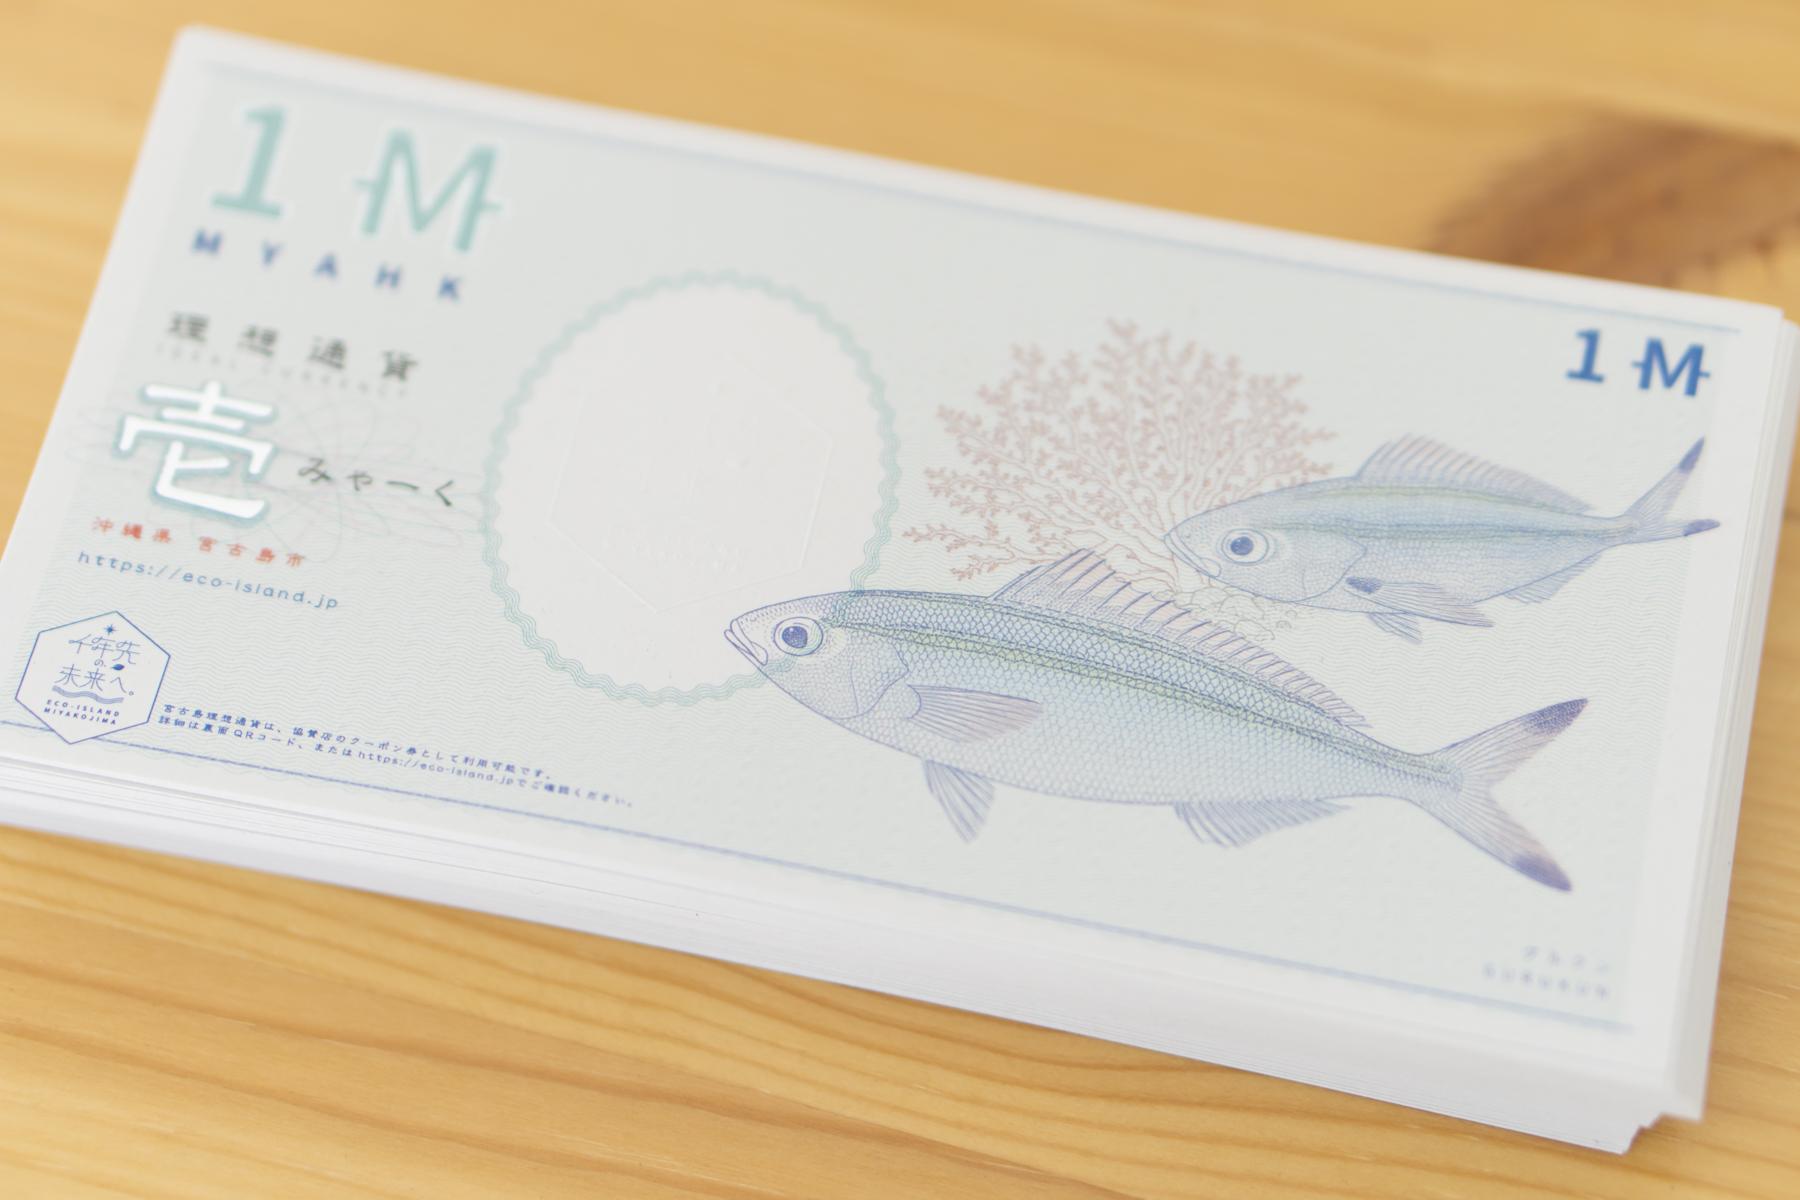 宮古島市発行「気持ちの通貨」理想通貨1Mみゃーくが刷り上がりました!!